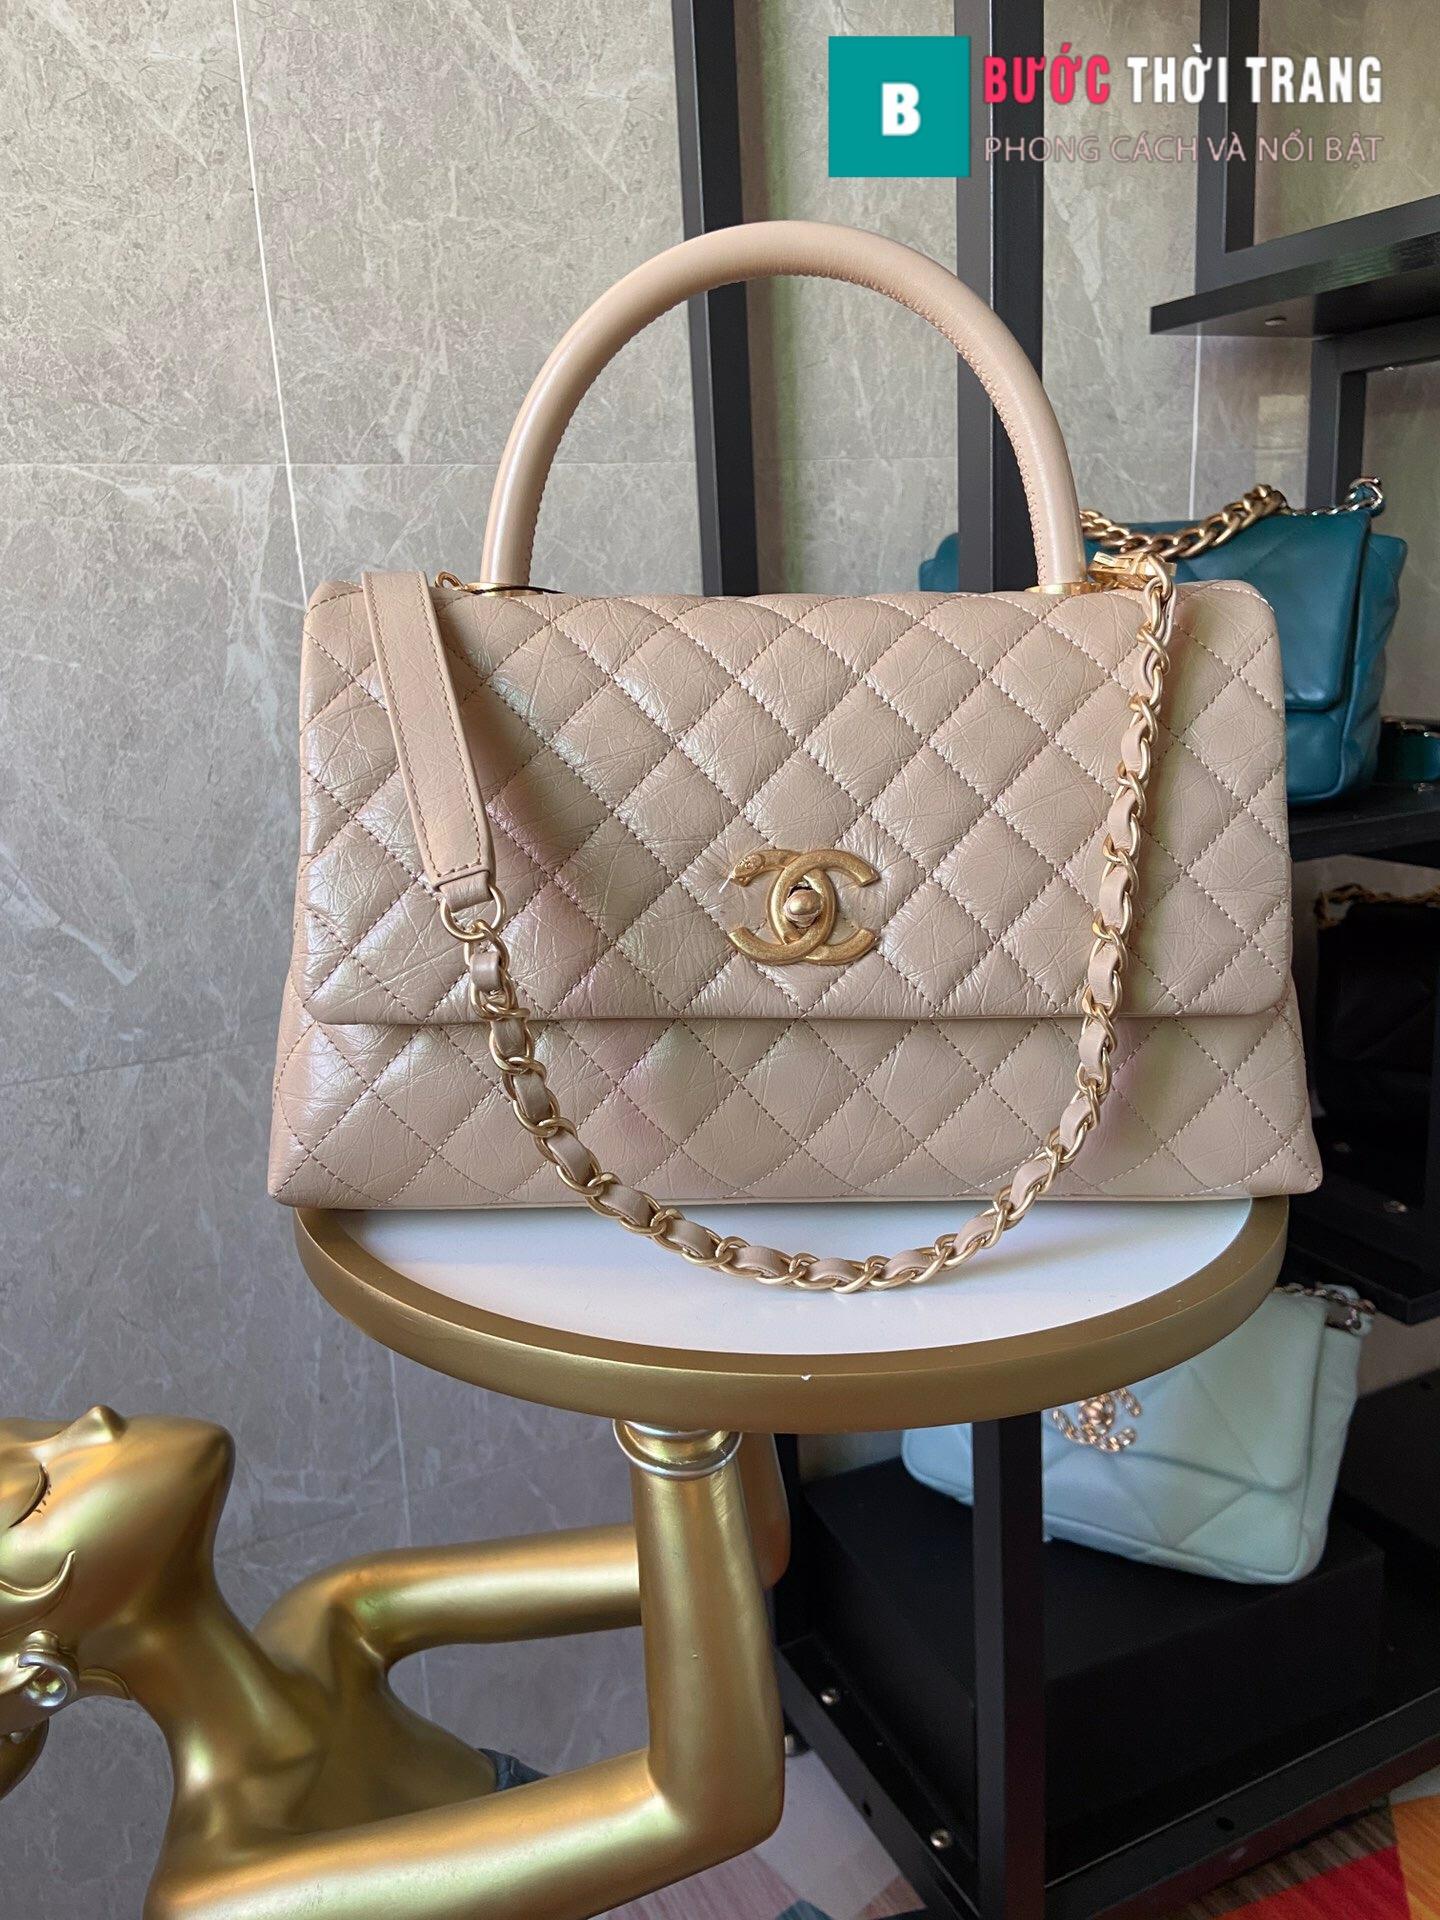 Túi xách Chanel Coco siêu cấp size 29 cm – A92992 (11)